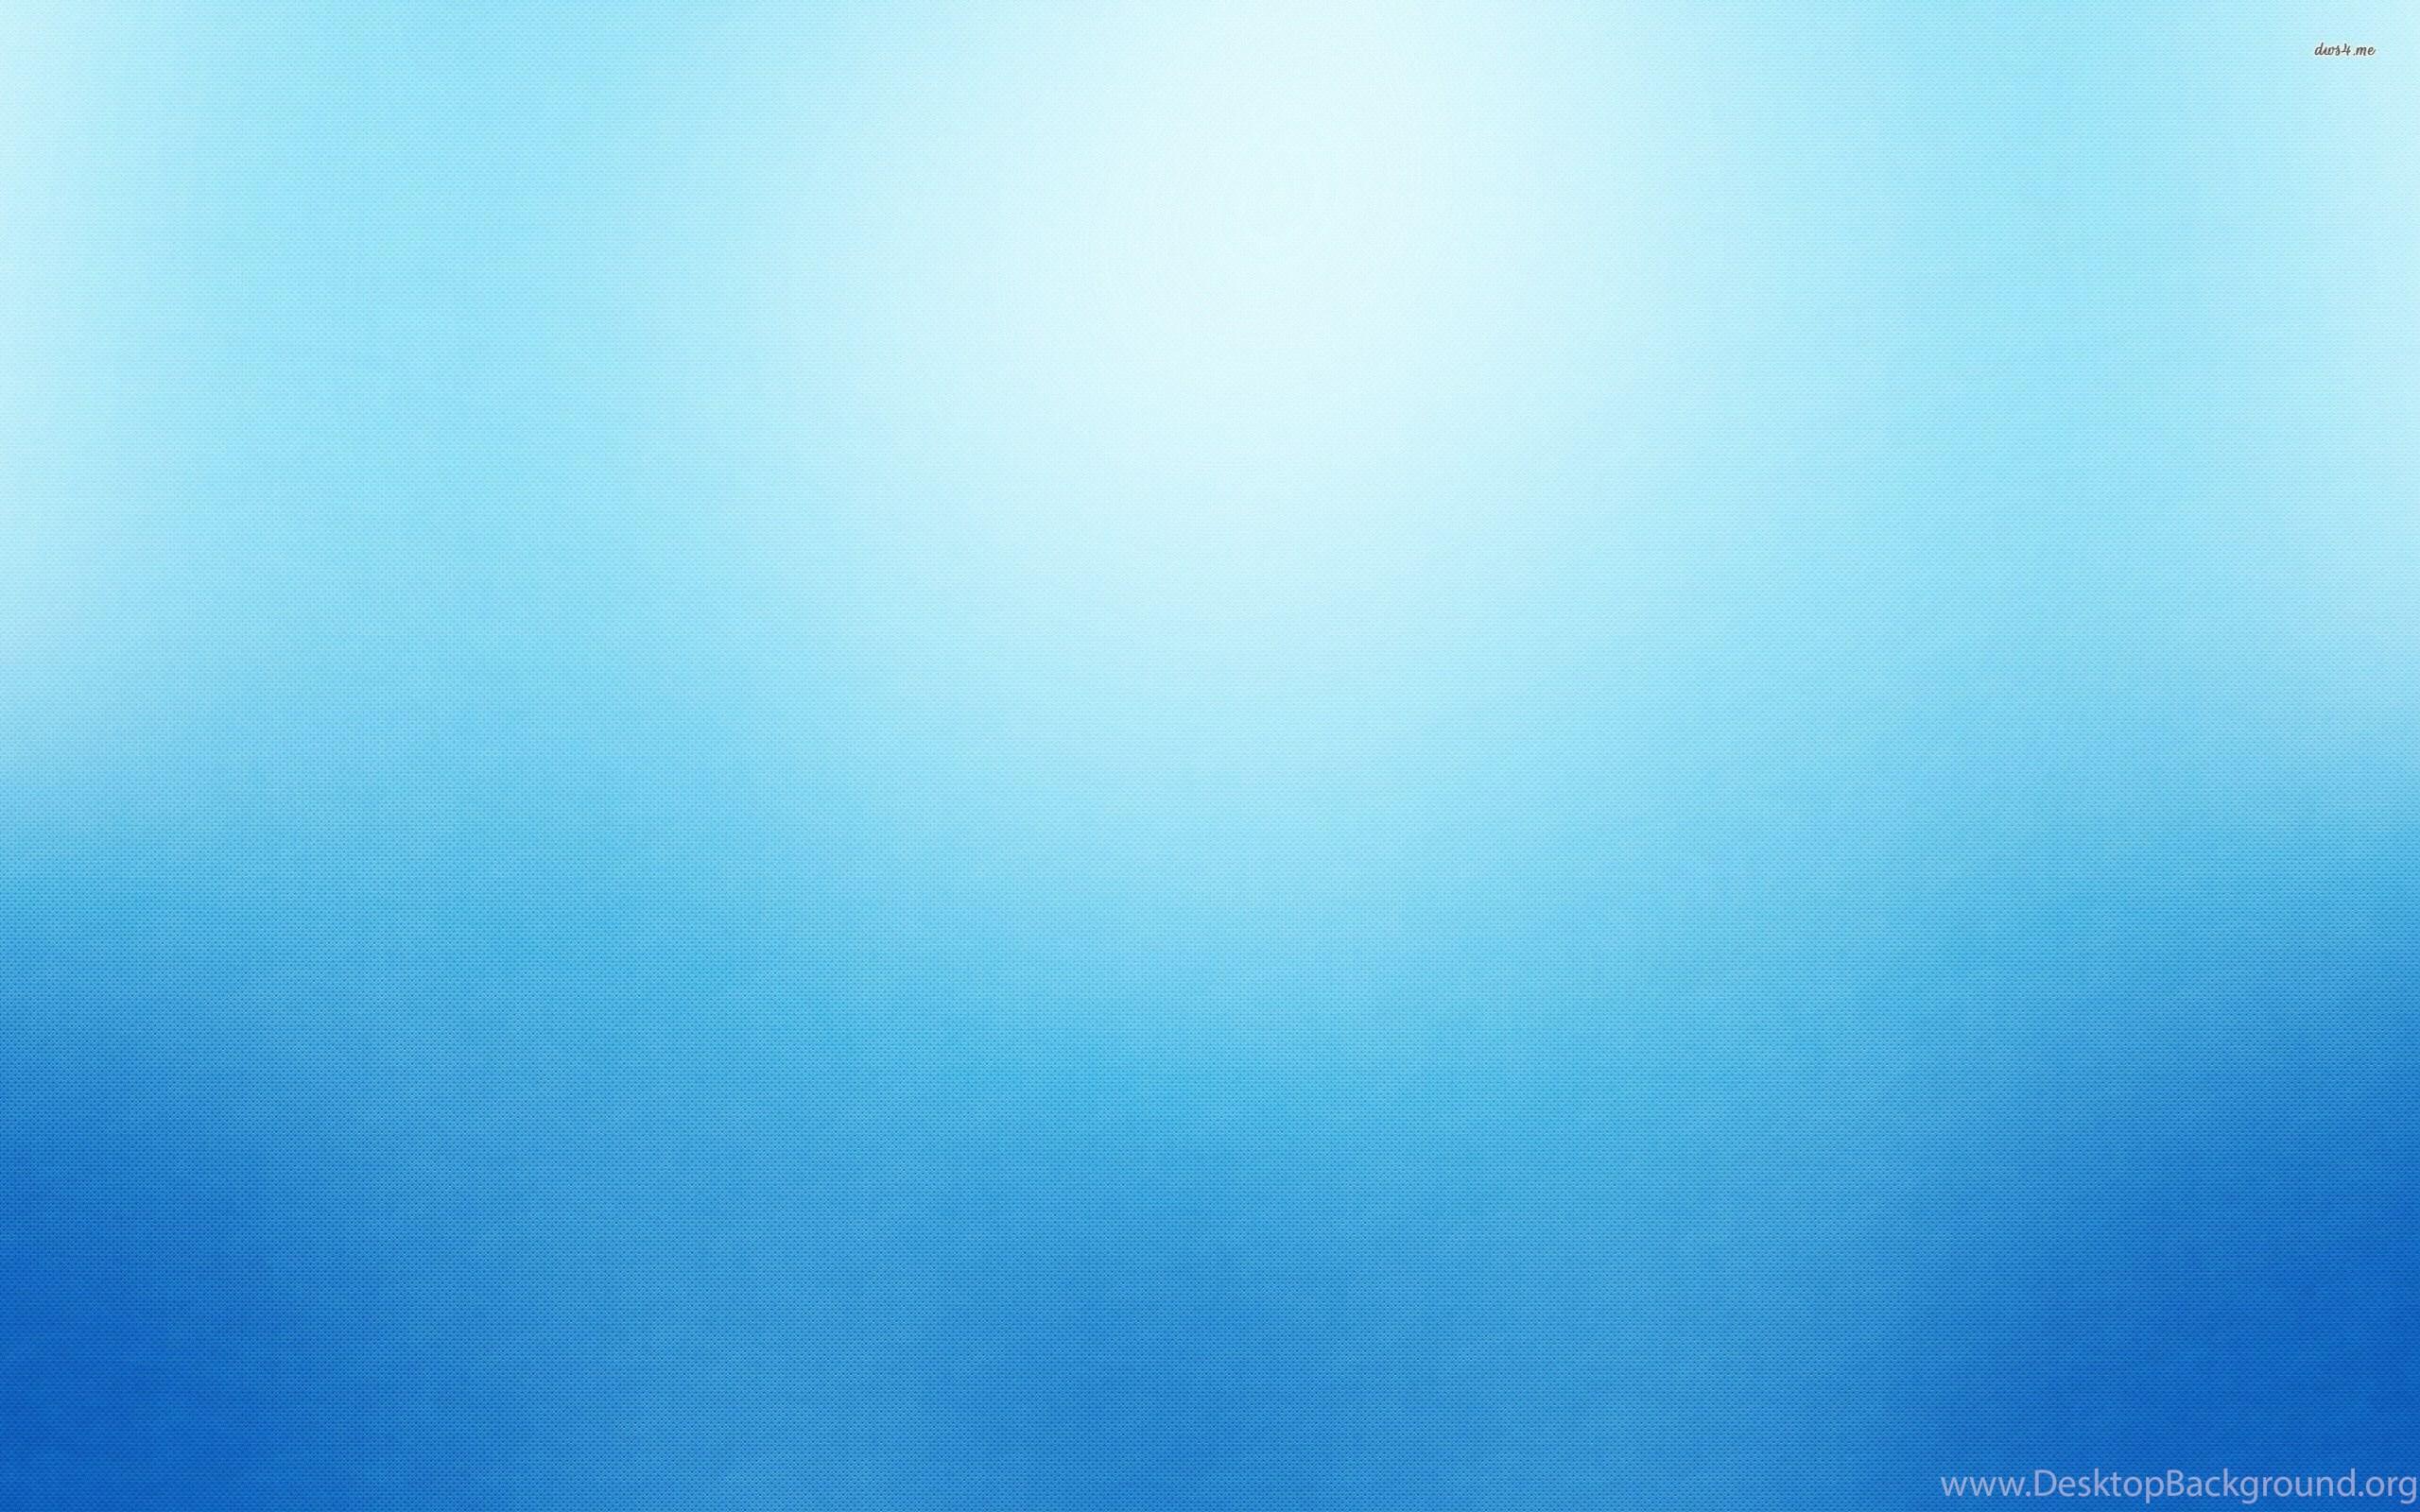 1920x1200px Blue Texture Backgrounds Desktop Background